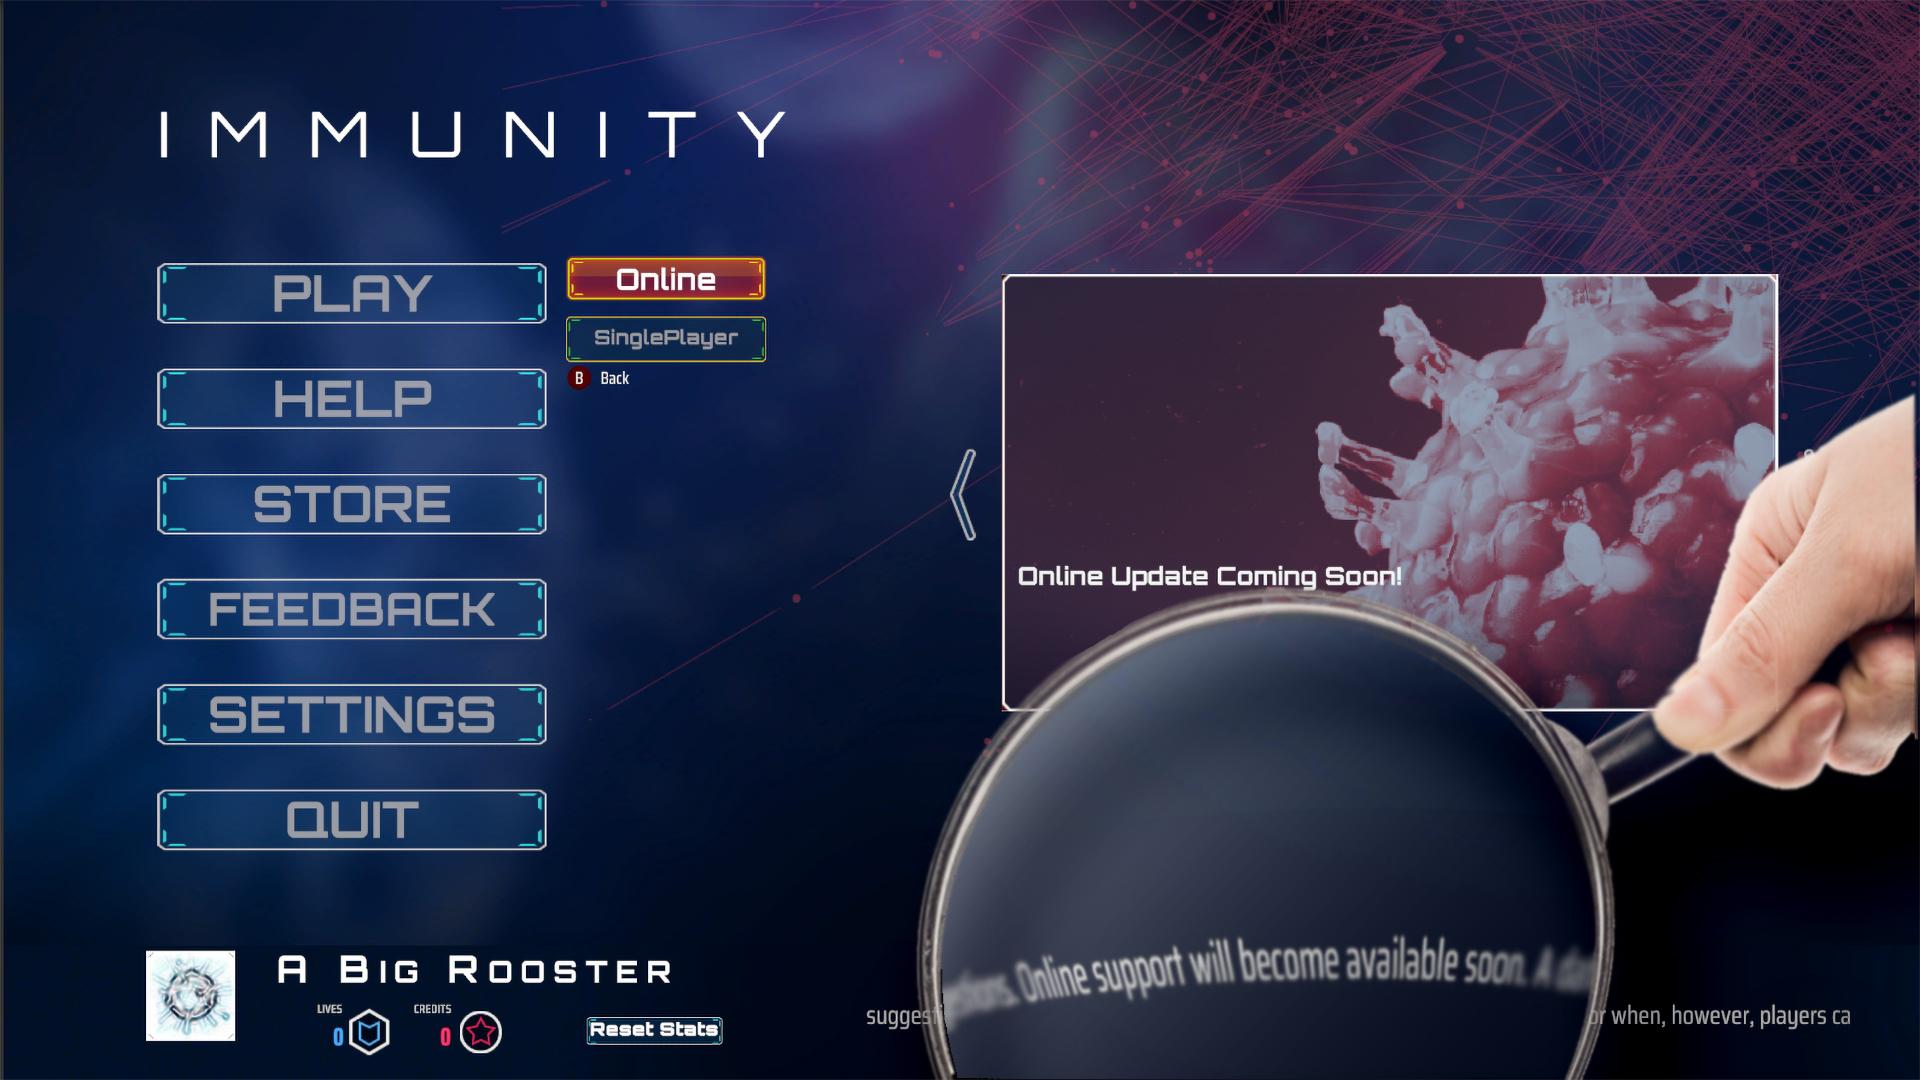 Immunity Sneak Peak